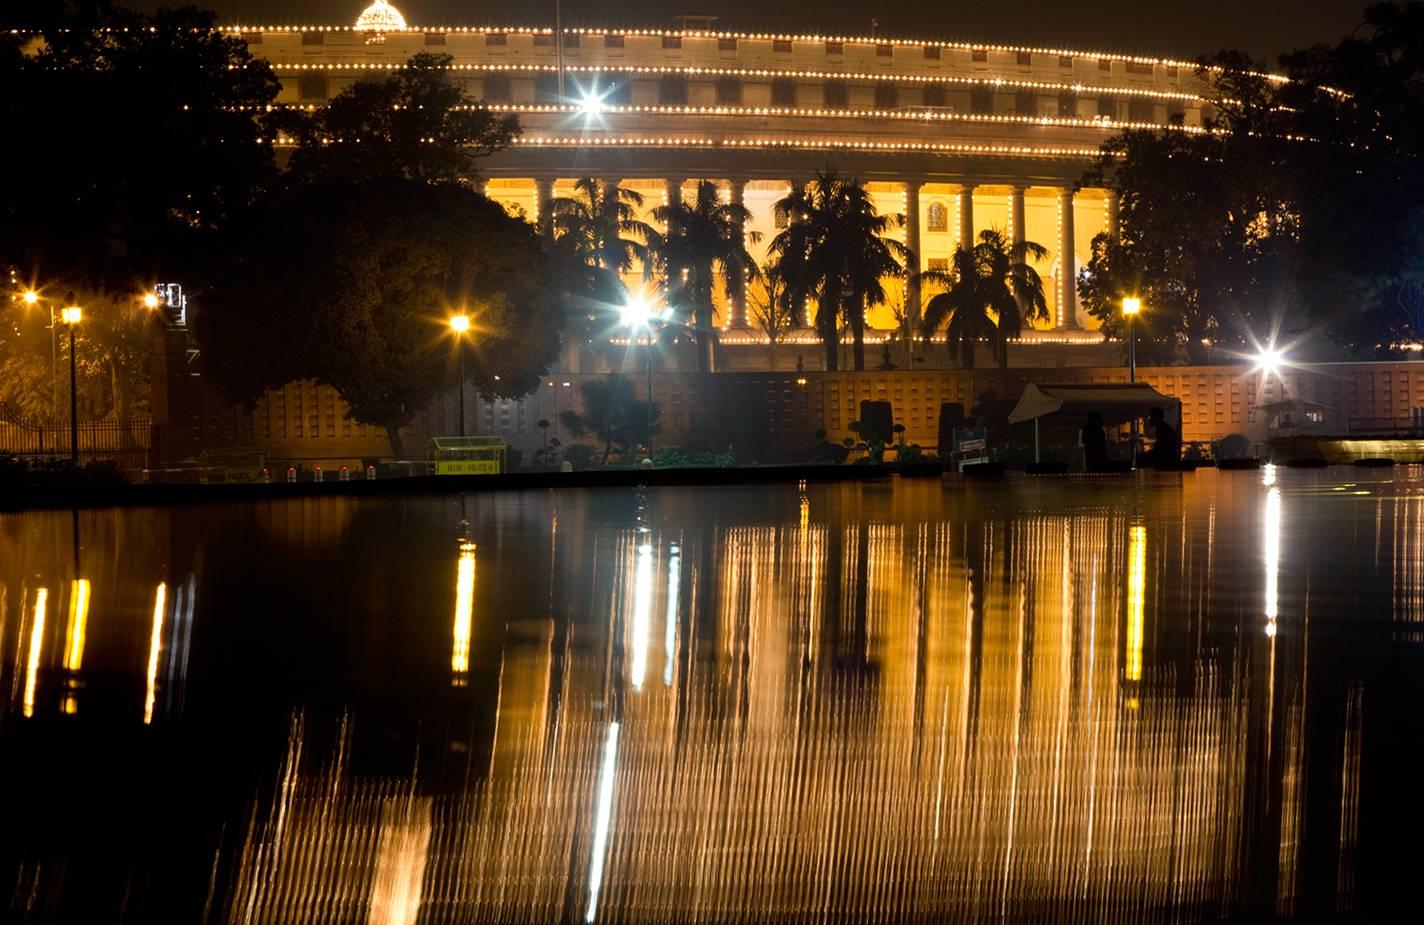 India parliament building